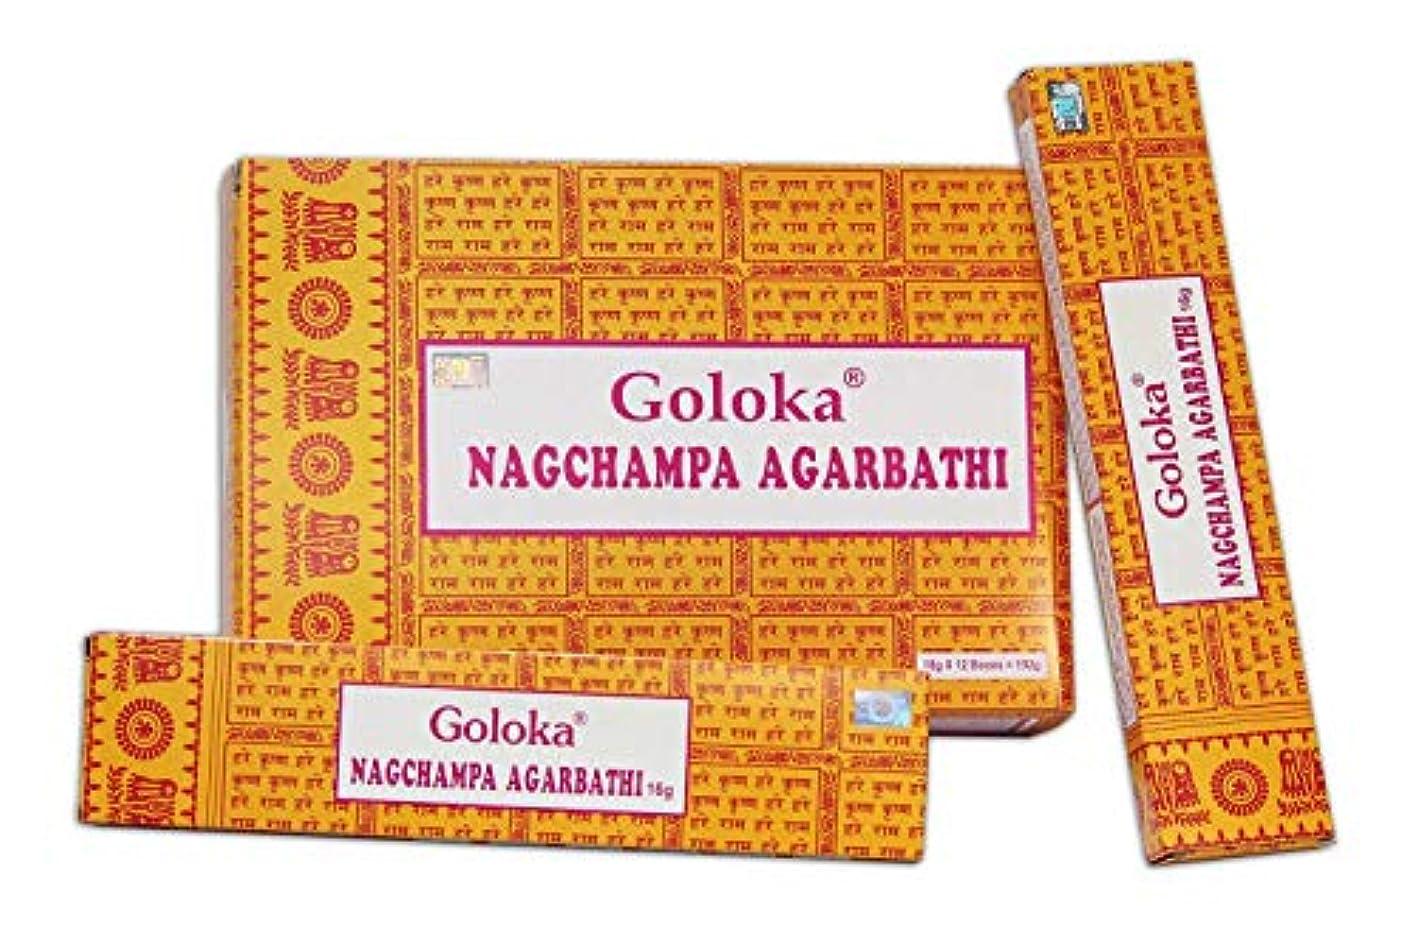 再生マグアイザックGoloka Nag Champa お香スティック Agarbatti 192グラムボックス | 16グラム入り12パック | 輸出品質